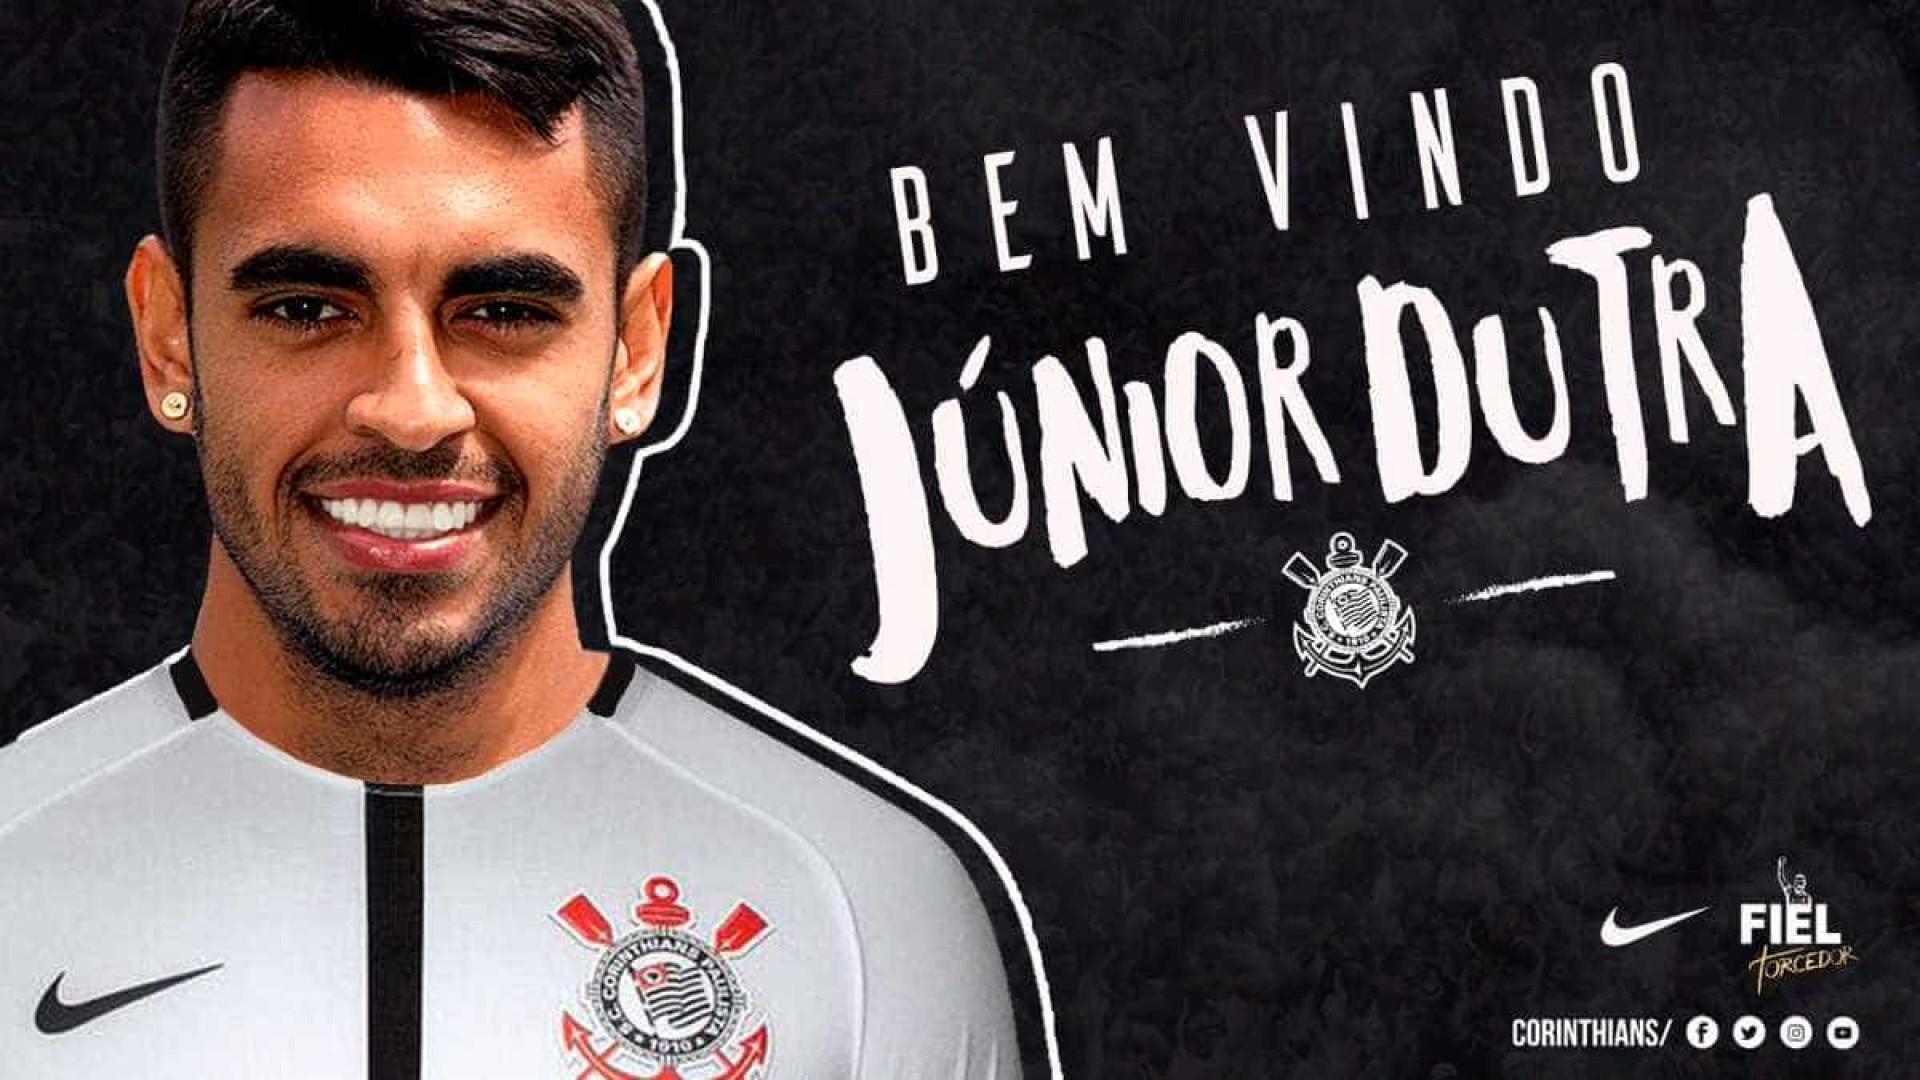 Corinthians anuncia contratação de Júnior Dutra, que assina por 2 anos